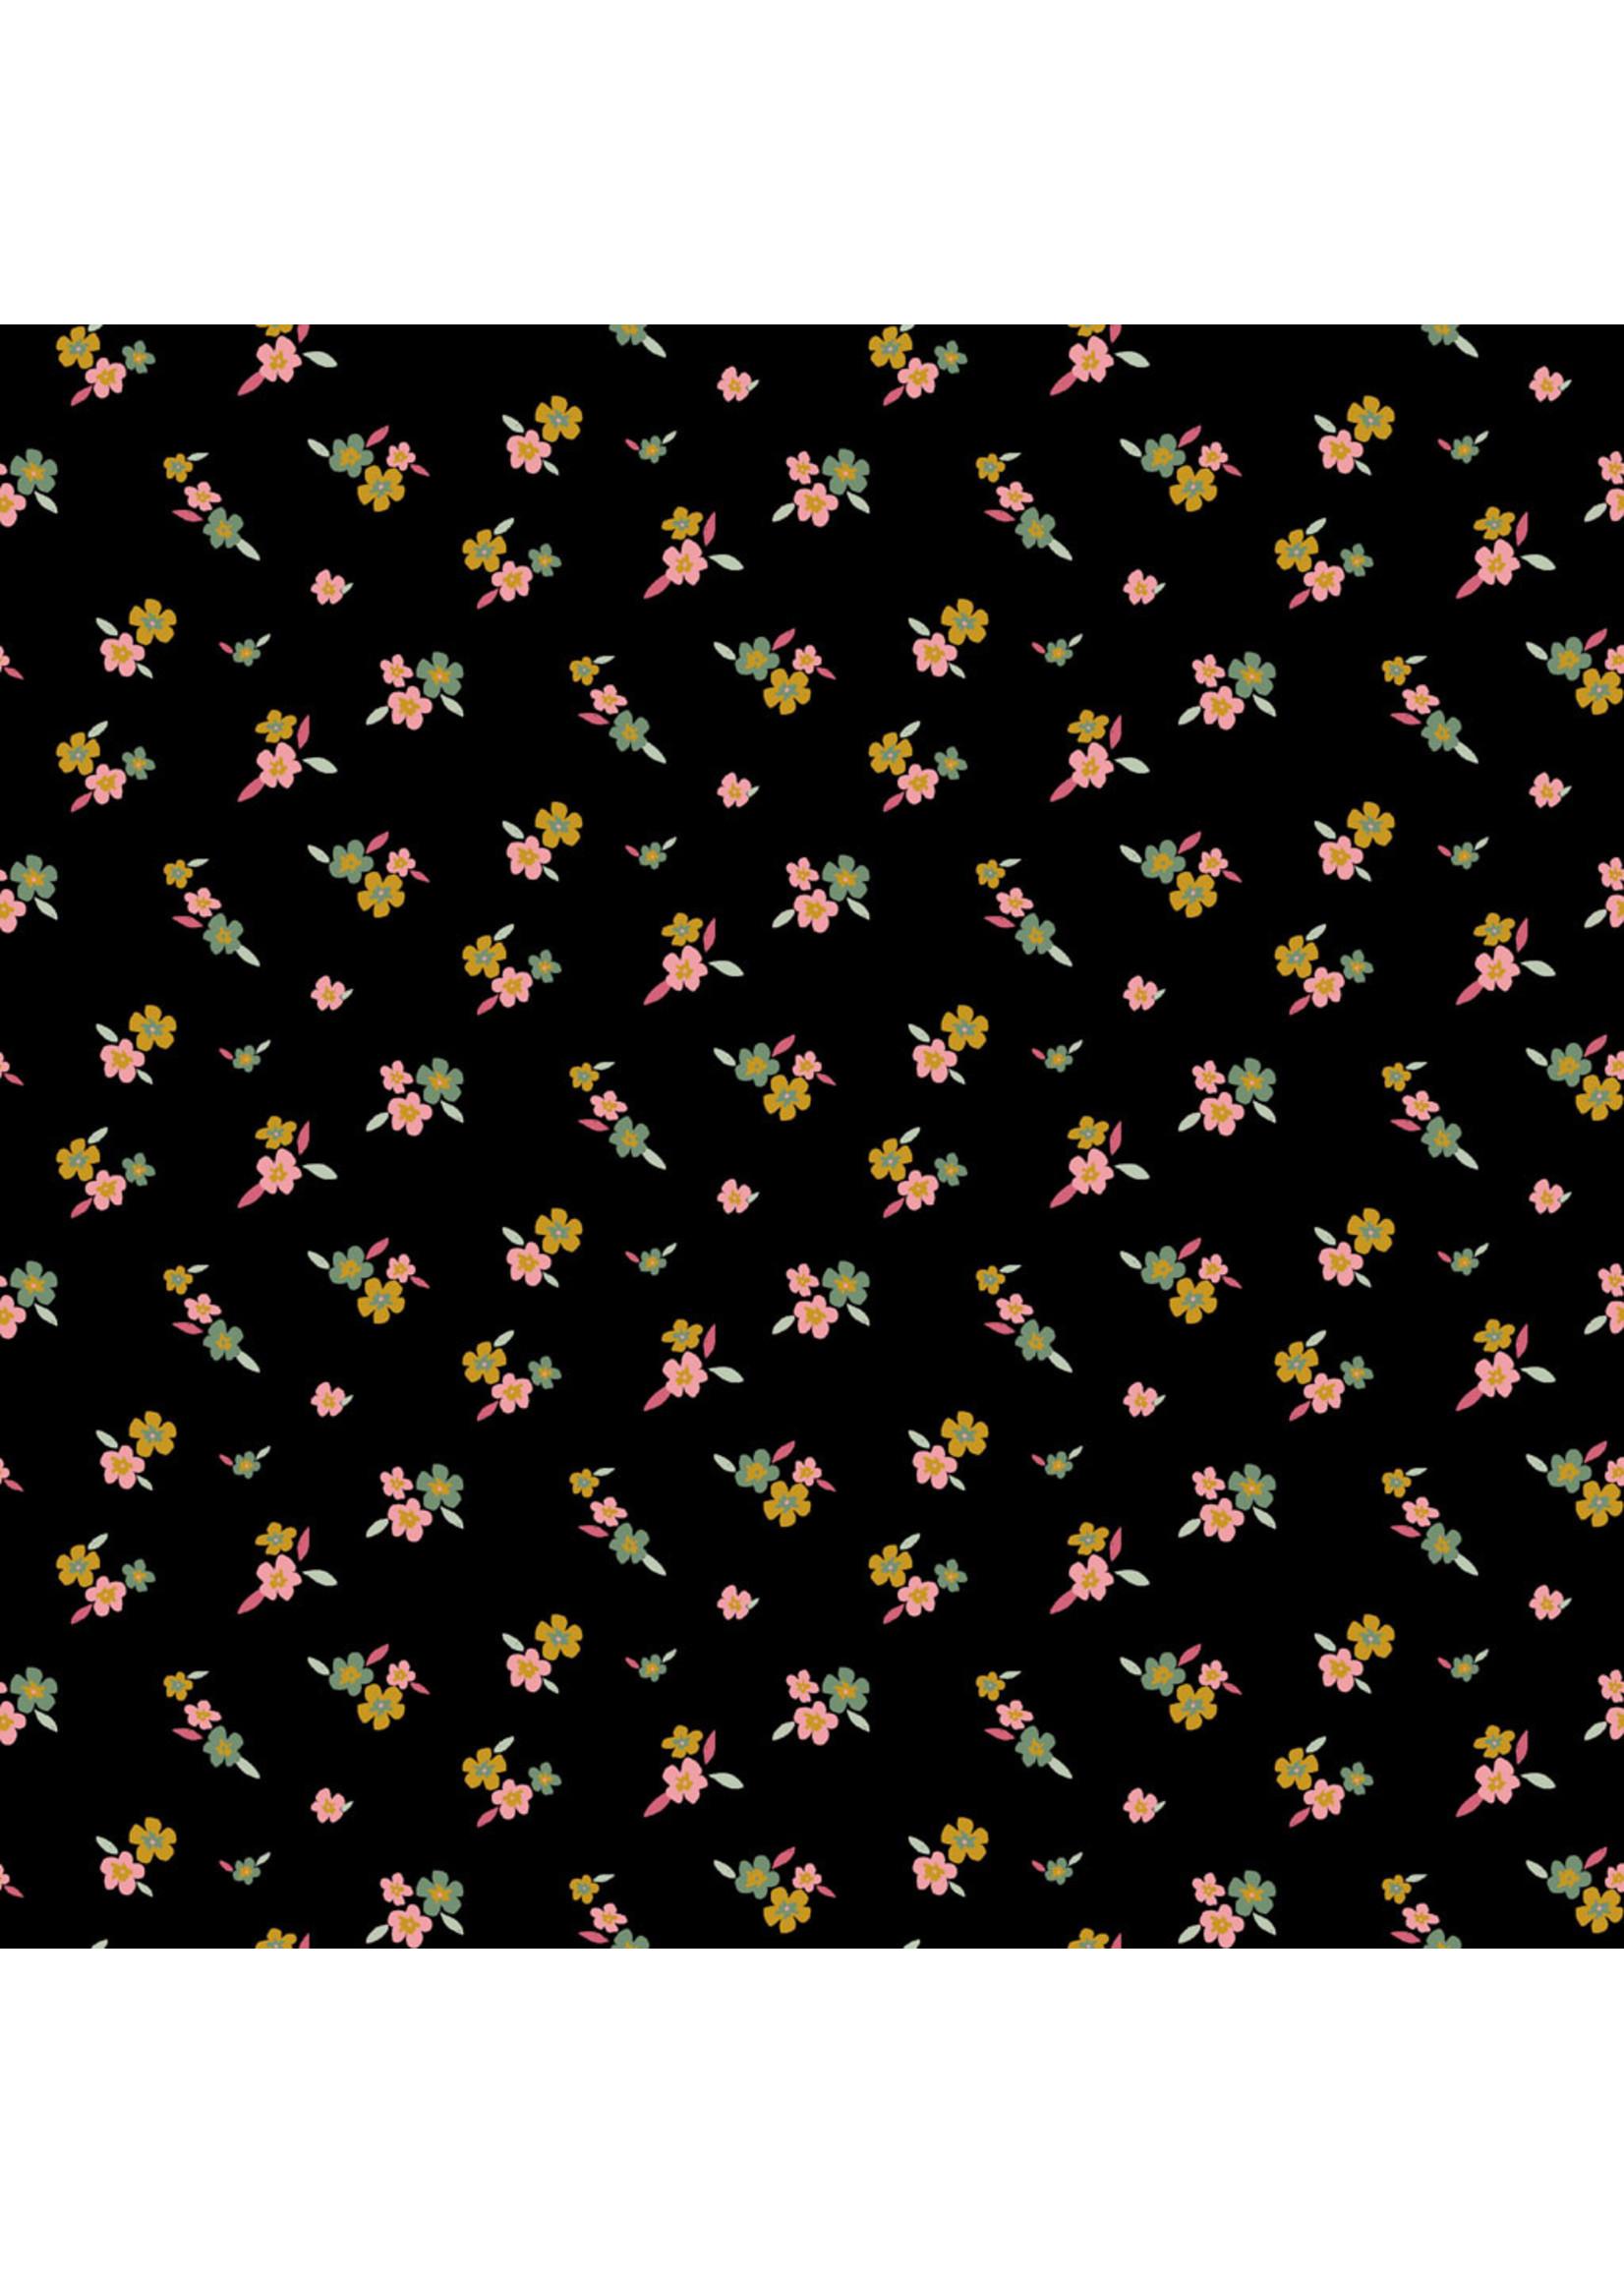 Poppy Lovely Flowers Jersey (GOTS) Black